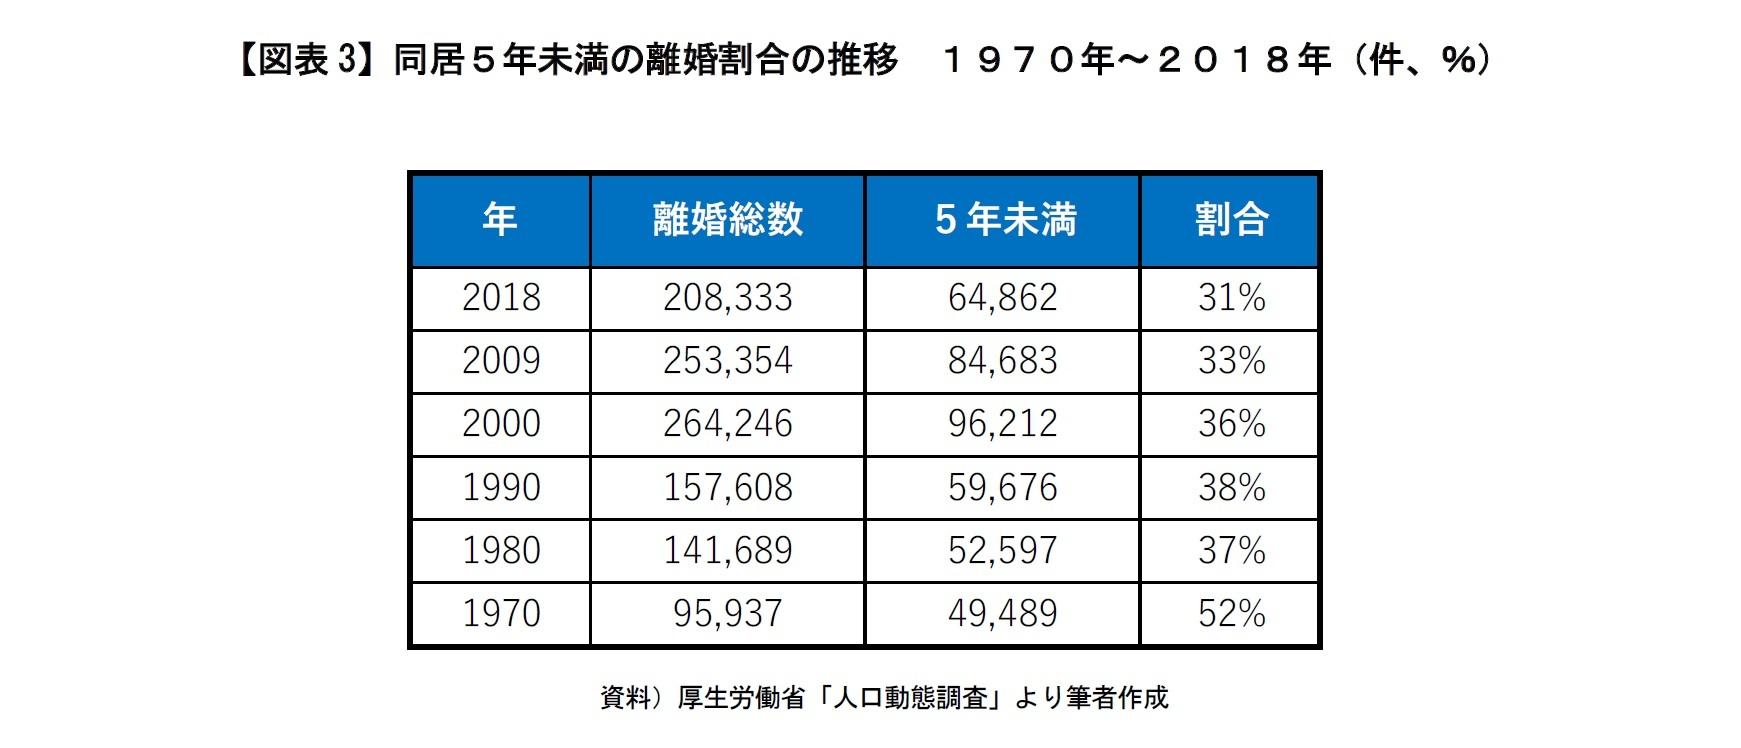 【図表3】同居5年未満の離婚割合の推移 1970年~2018年(件、%)